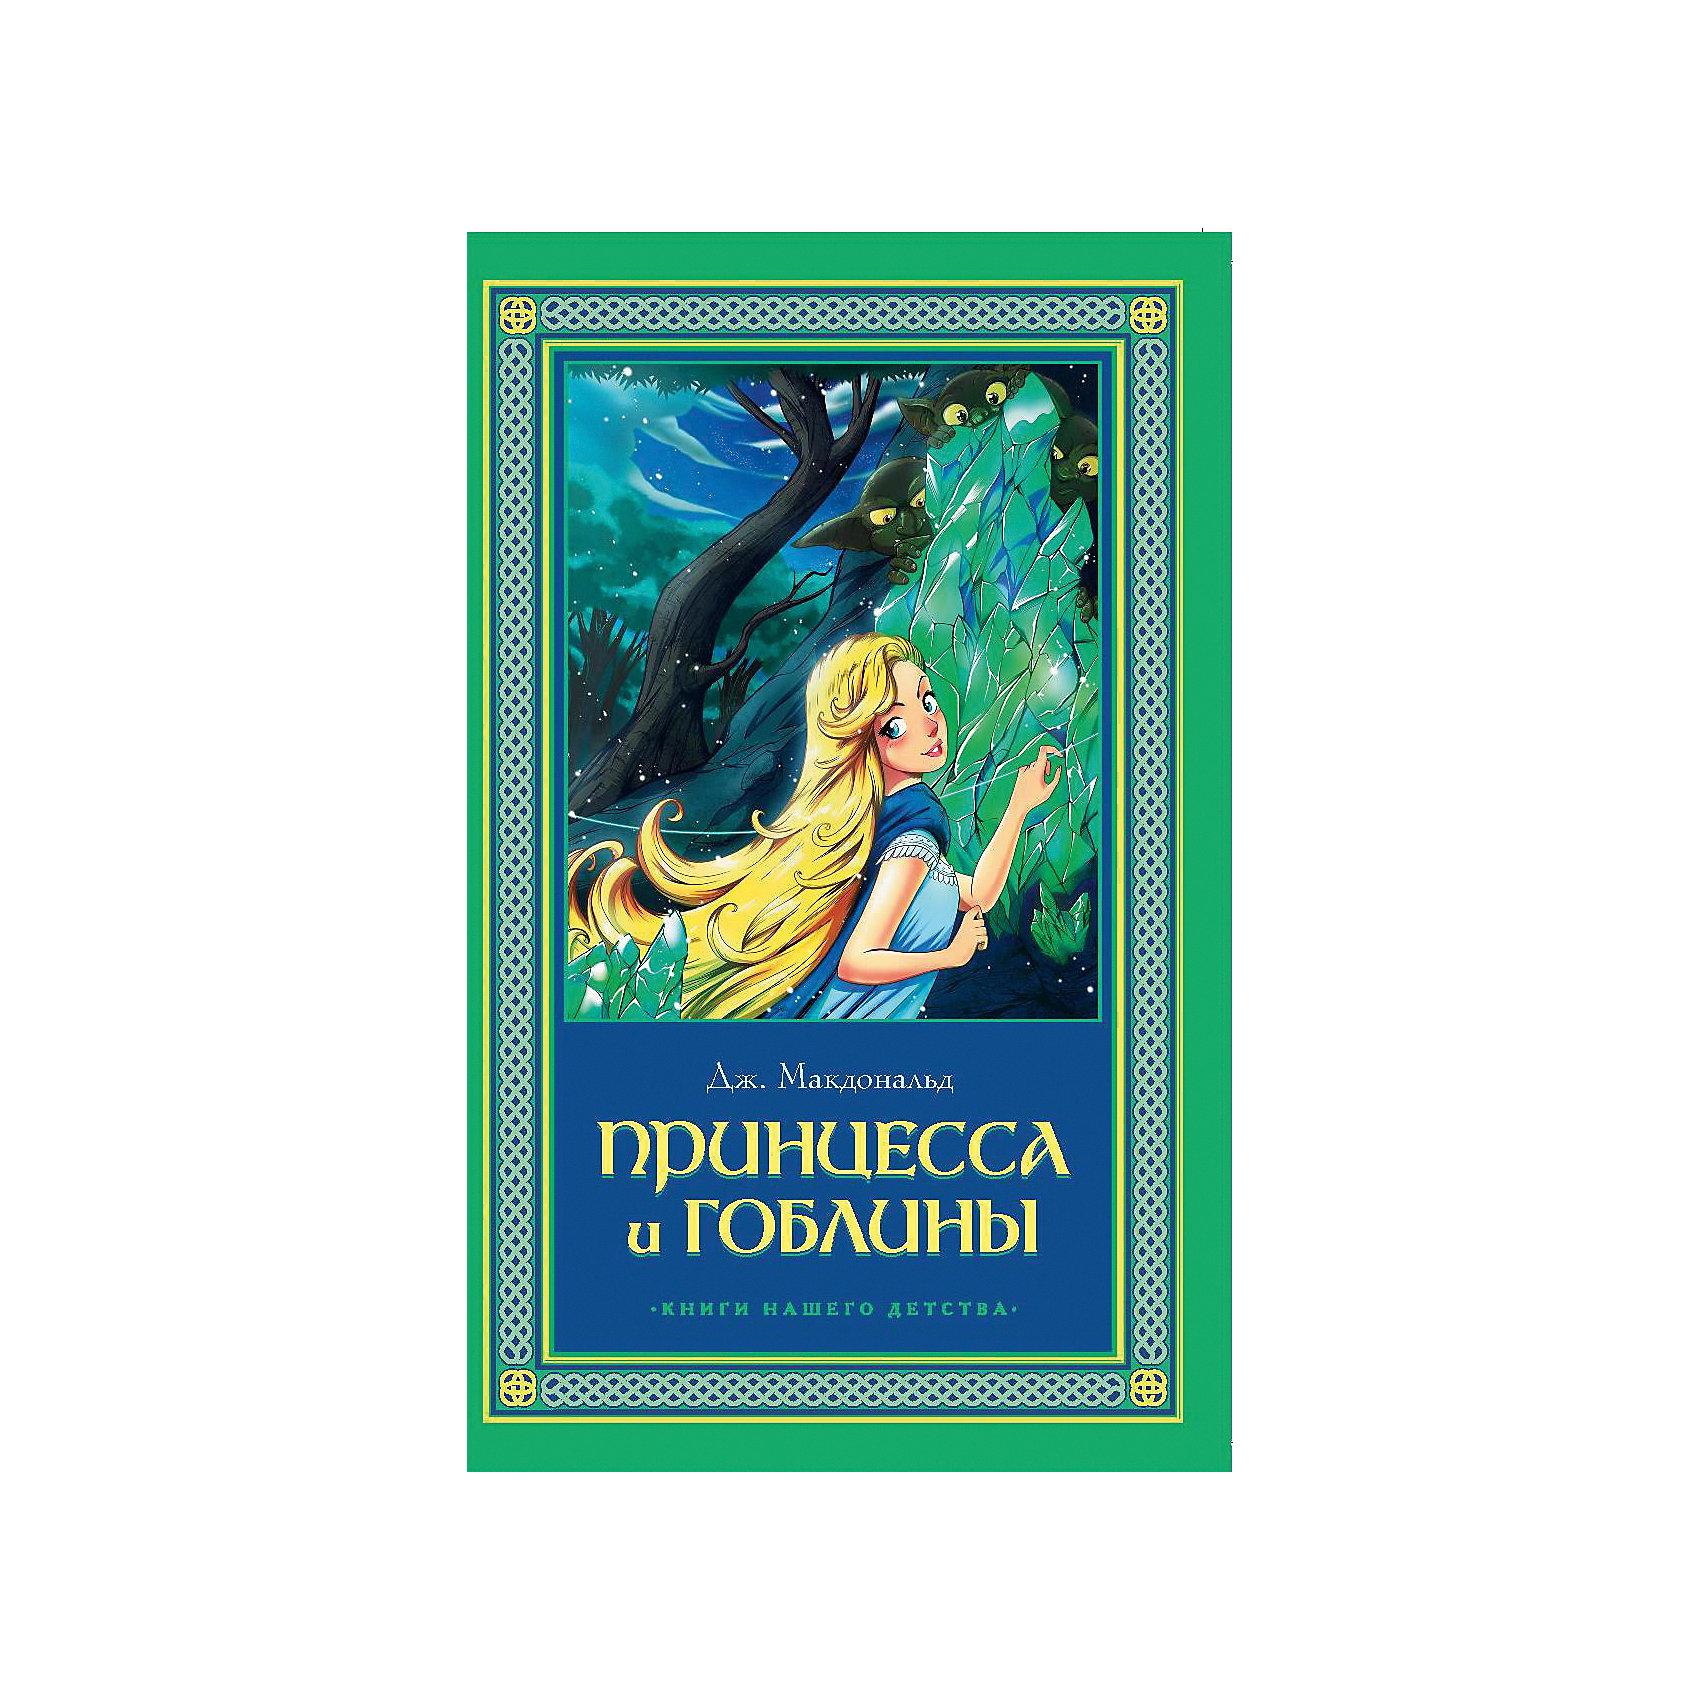 Книга Принцесса и гоблины Книги нашего детстваКнига Принцесса и гоблины Книги нашего детства – это самая популярная сказка шотландского романиста и поэта Д. Макдональда.<br>Как вырастить настоящую наследницу престола? Отправить ее на воспитание в самую обычную деревню! Вот только за околицей разная нечисть живет, в том числе - зловредные гоблины. Сможет ли принцесса уцелеть, попав в лапы этих созданий, и кто придет ей на помощь? Узнайте об этом, прочитав сказку. Для детей среднего школьного возраста.<br><br>Дополнительная информация:<br><br>- Автор: Джордж Макдональд<br>- Переводчик: Фредерикс А.<br>- Редактор: Петрушкин И.<br>- Издательство: Северо-Запад, 2015 г.<br>- Серия: Сказки нашего детства<br>- Тип обложки: мягкий переплет (крепление скрепкой или клеем)<br>- Иллюстрации: черно-белые<br>- Количество страниц: 224 (офсет)<br>- Размер: 202x127x11 мм.<br>- Вес: 182 гр.<br><br>Книгу Принцесса и гоблин Книги нашего детства можно купить в нашем интернет-магазине.<br><br>Ширина мм: 125<br>Глубина мм: 10<br>Высота мм: 200<br>Вес г: 181<br>Возраст от месяцев: 36<br>Возраст до месяцев: 84<br>Пол: Унисекс<br>Возраст: Детский<br>SKU: 4664462